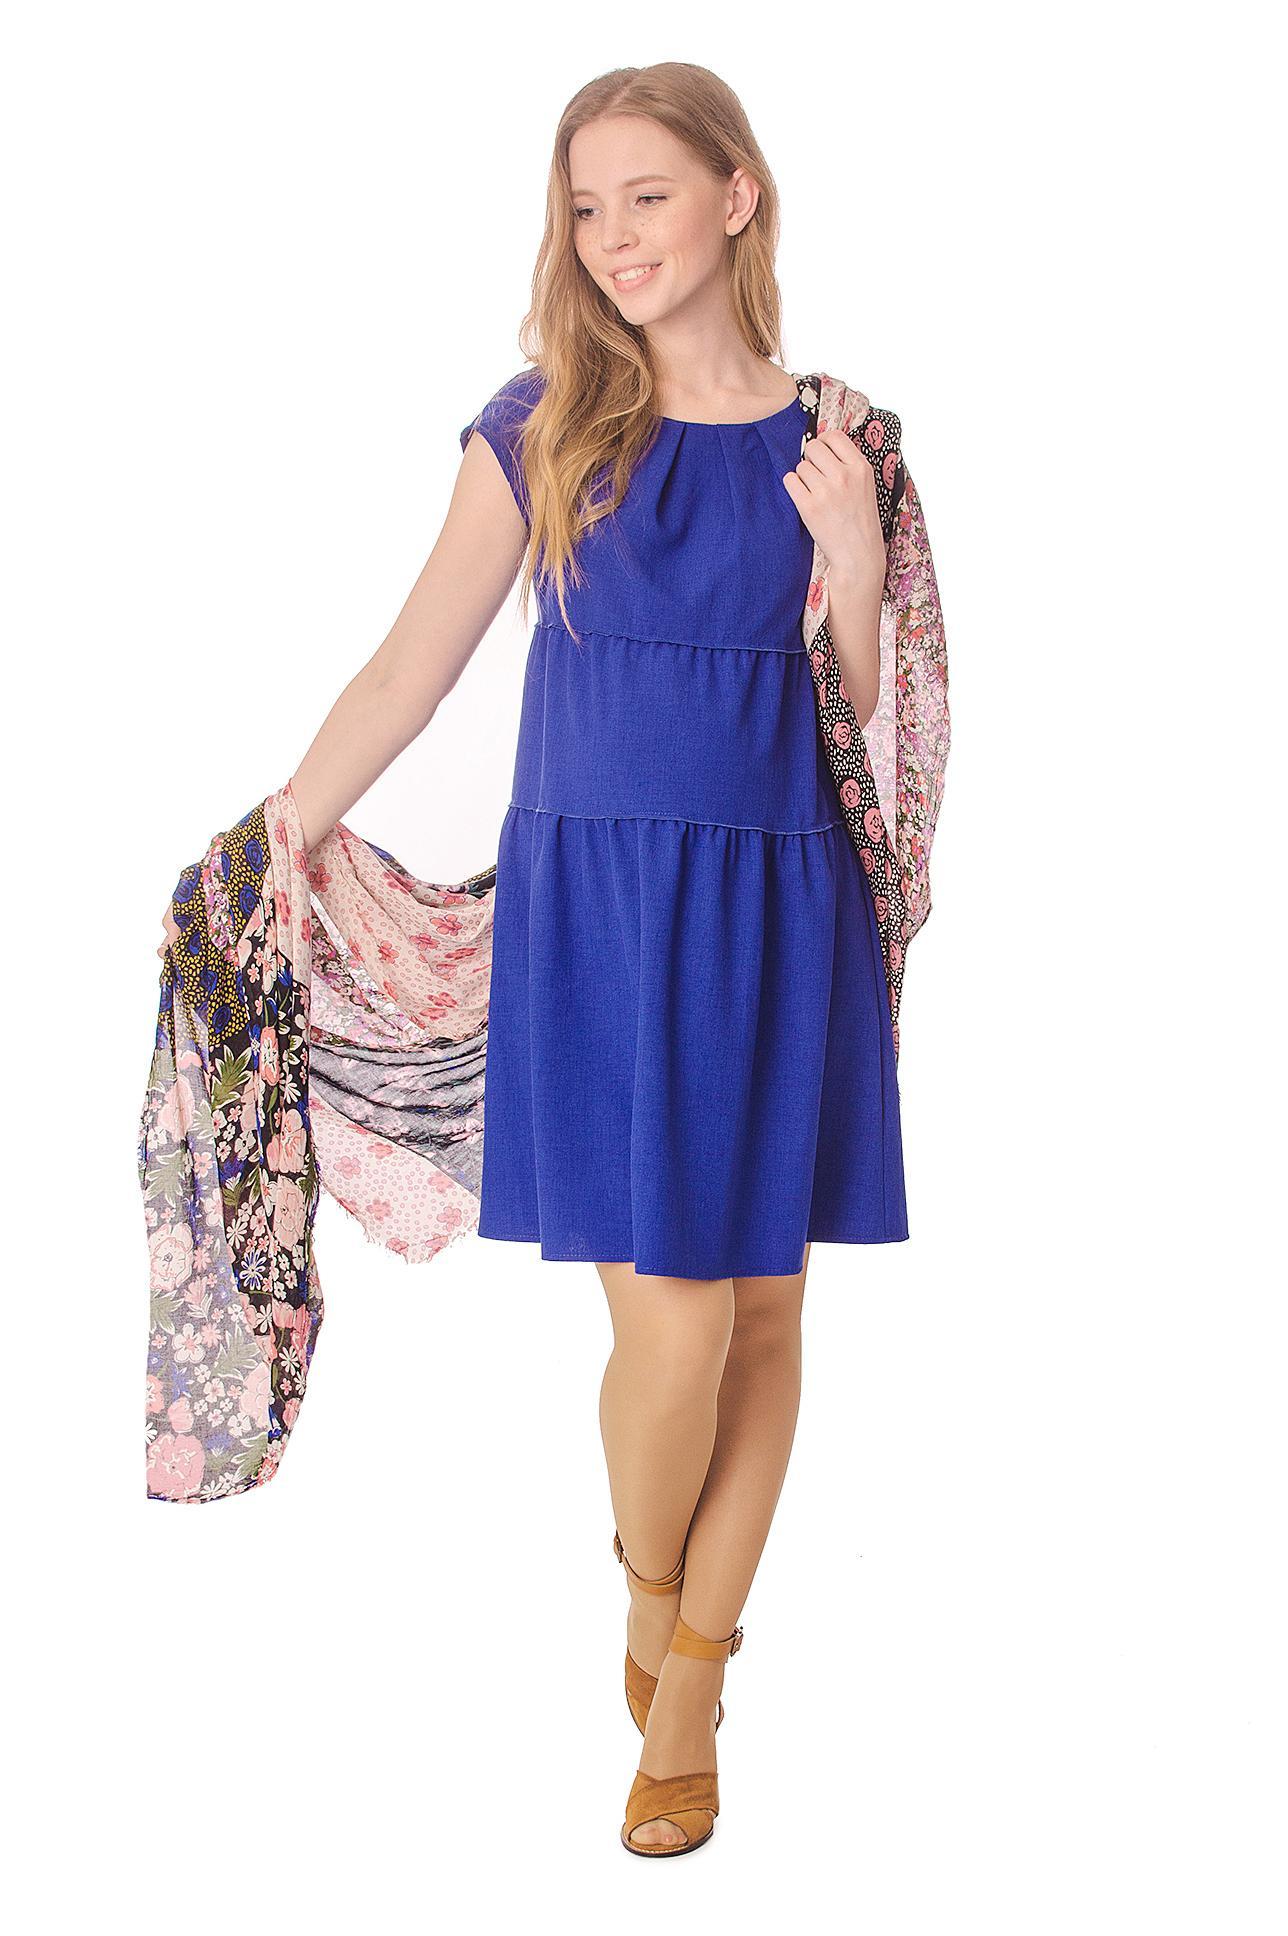 Платье «Колокольчик» синее по цене 1690.00 руб., купить в интернет ... 3cd2f95fdcd